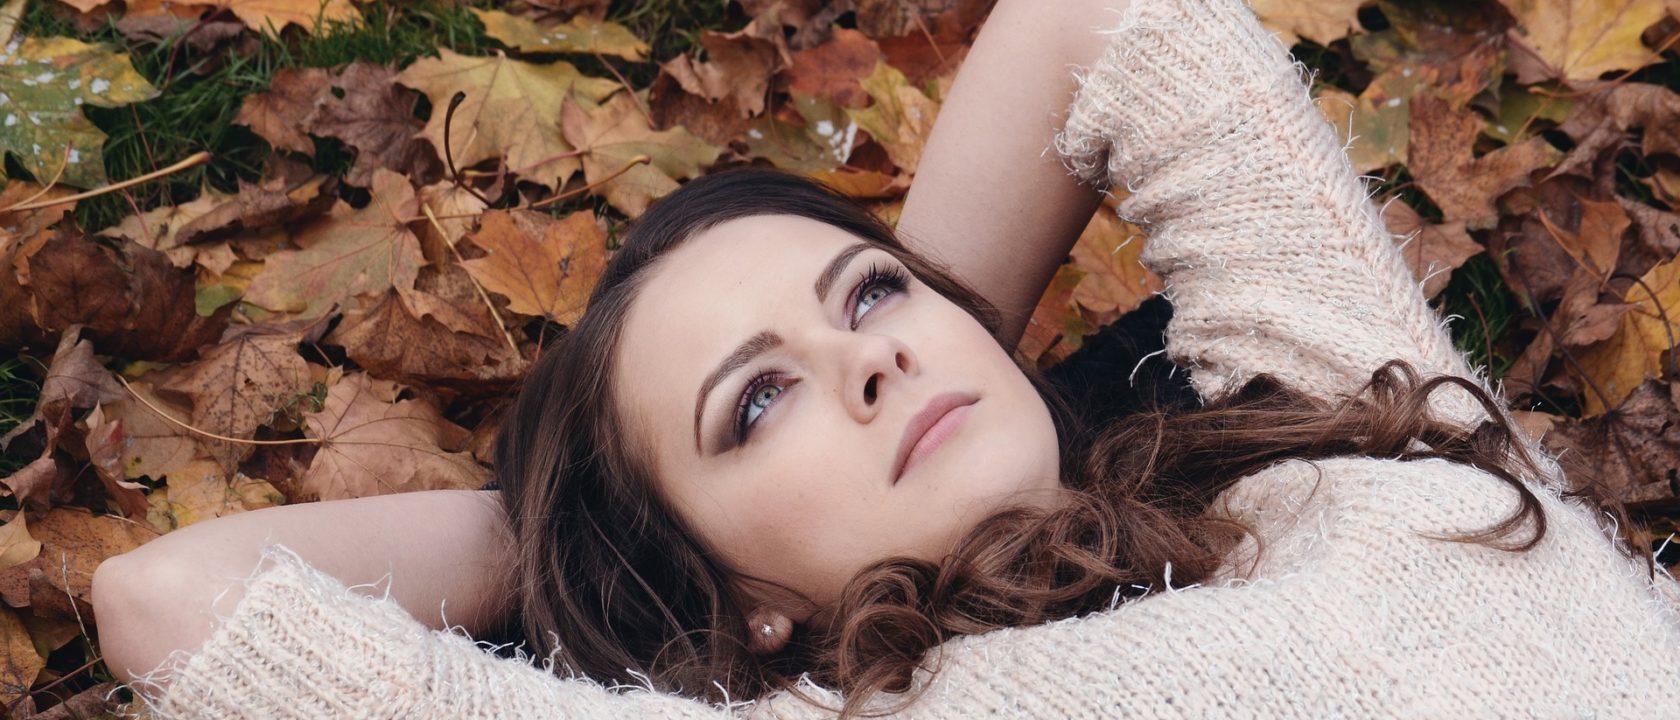 Yaprakların üzerine uzanıp düşünen kadın.